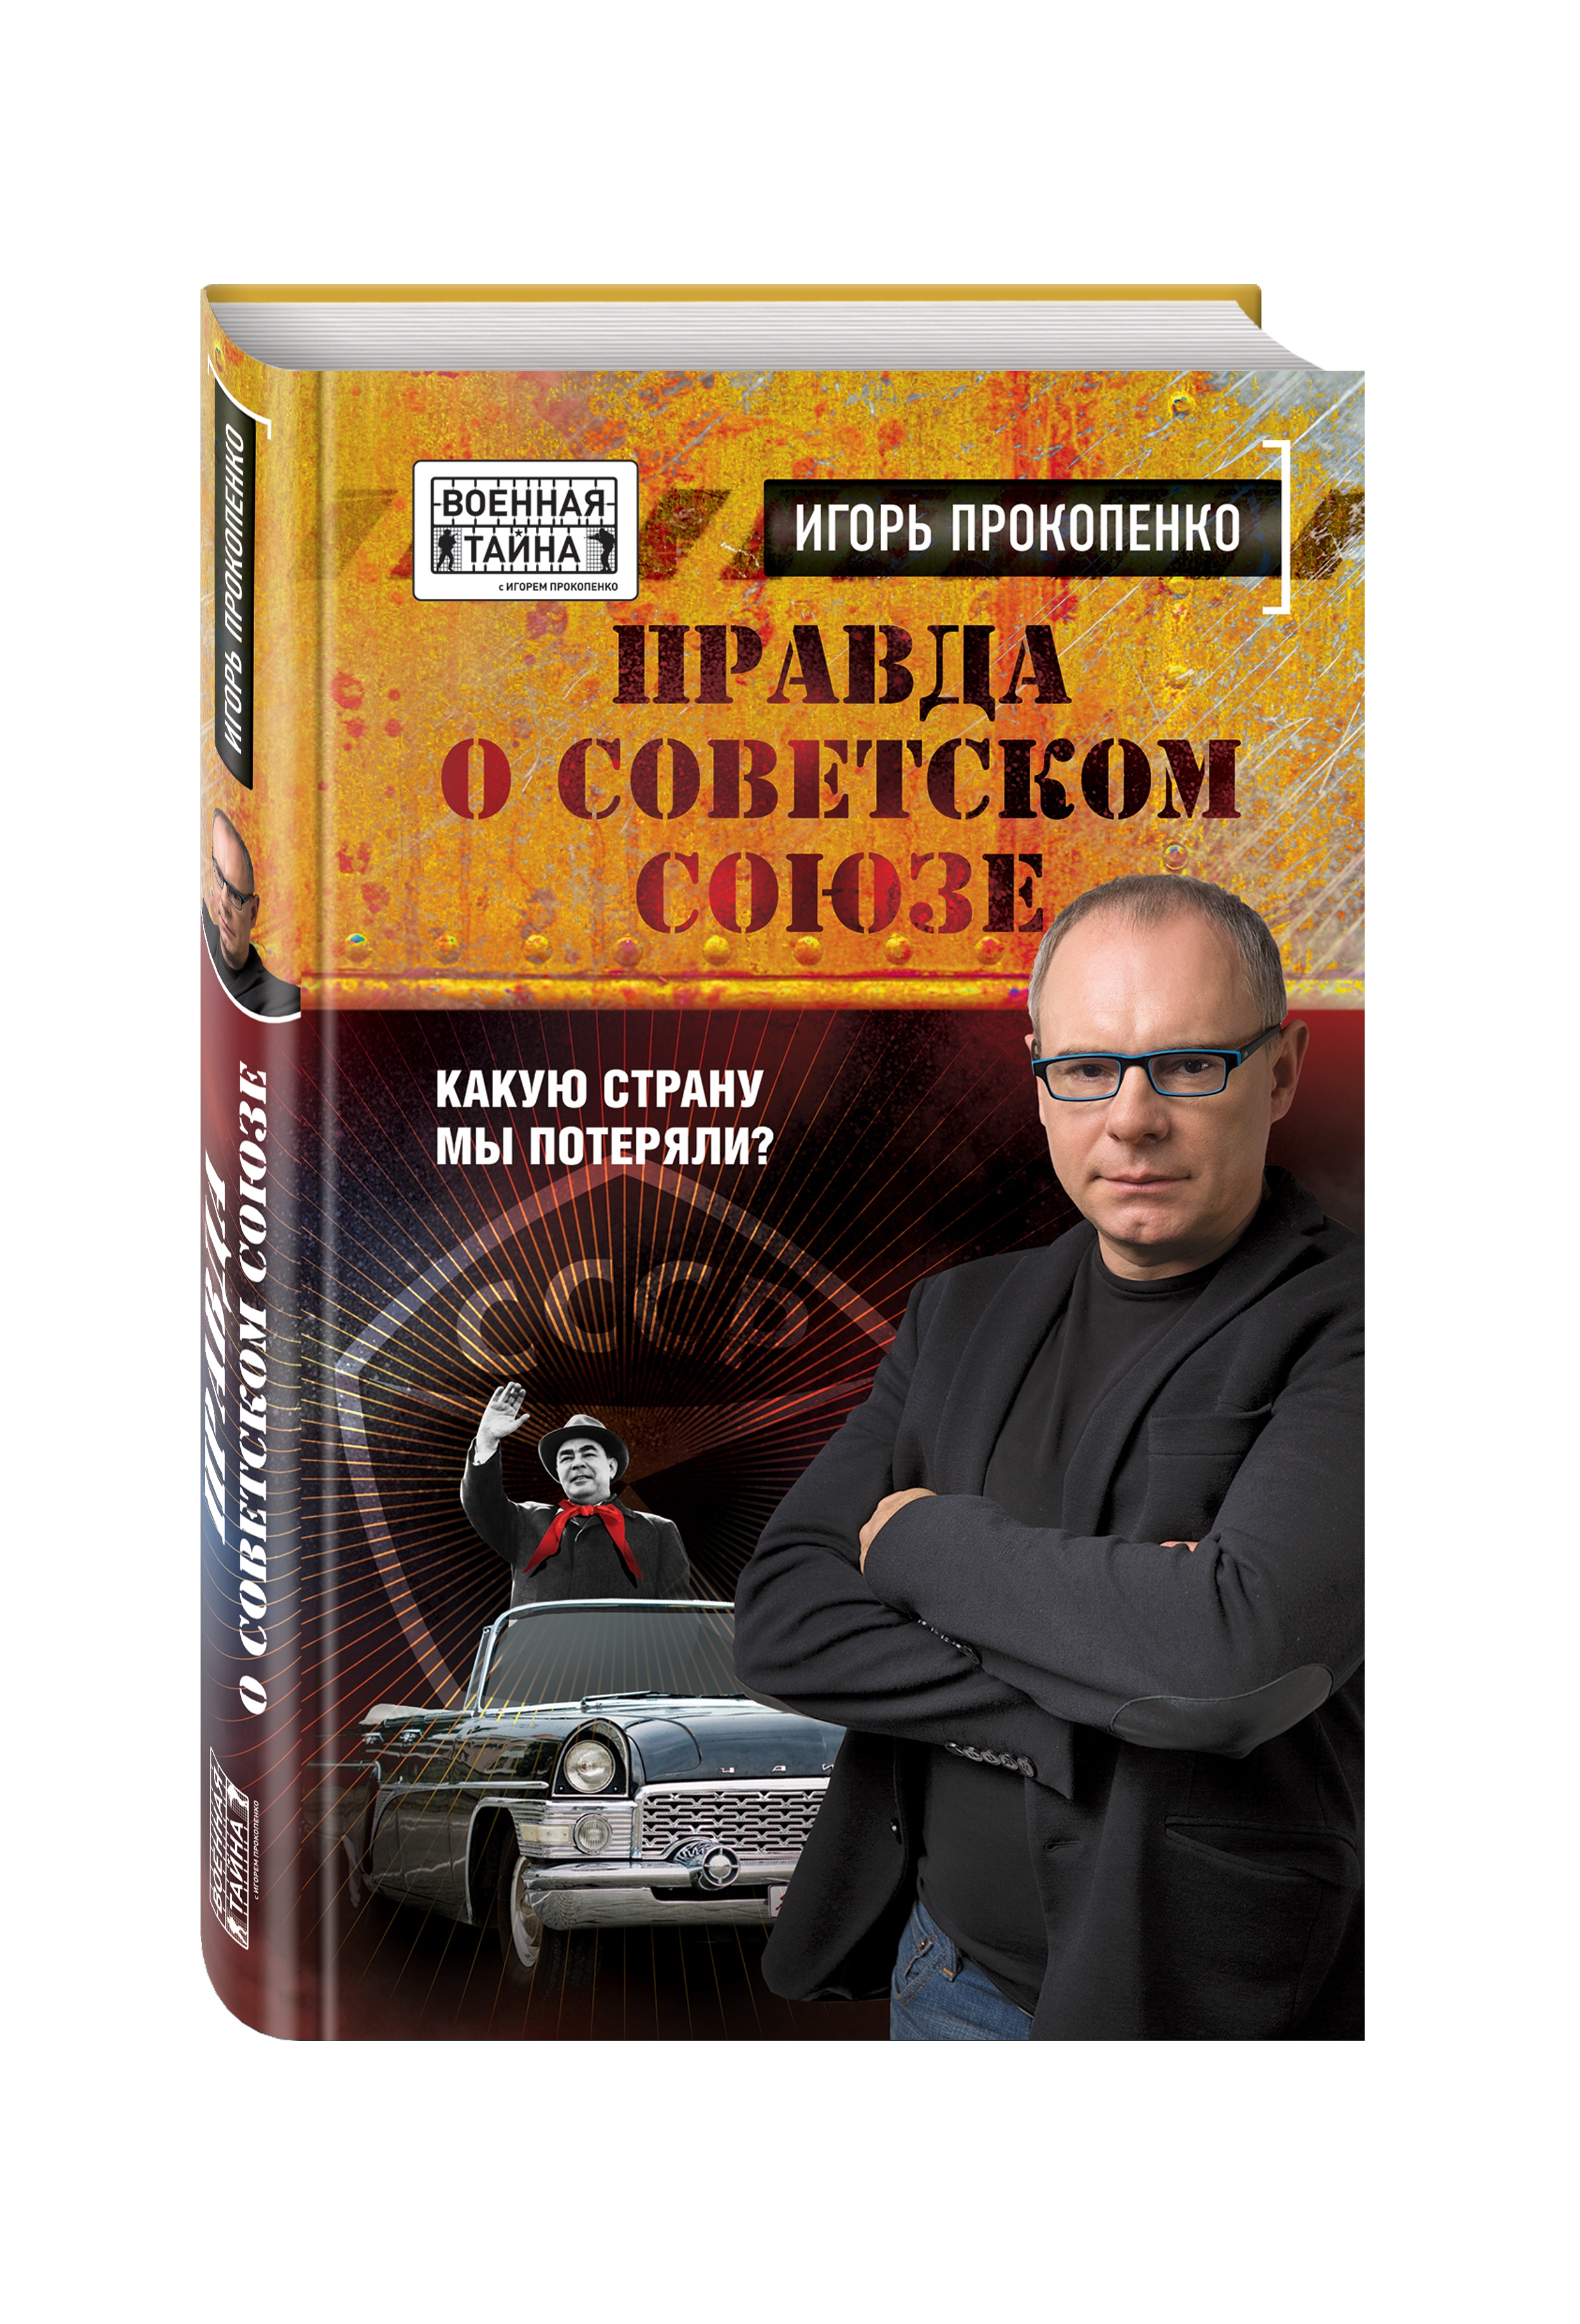 Правда о Советском Союзе. Какую страну мы потеряли? ( Прокопенко И.С.  )